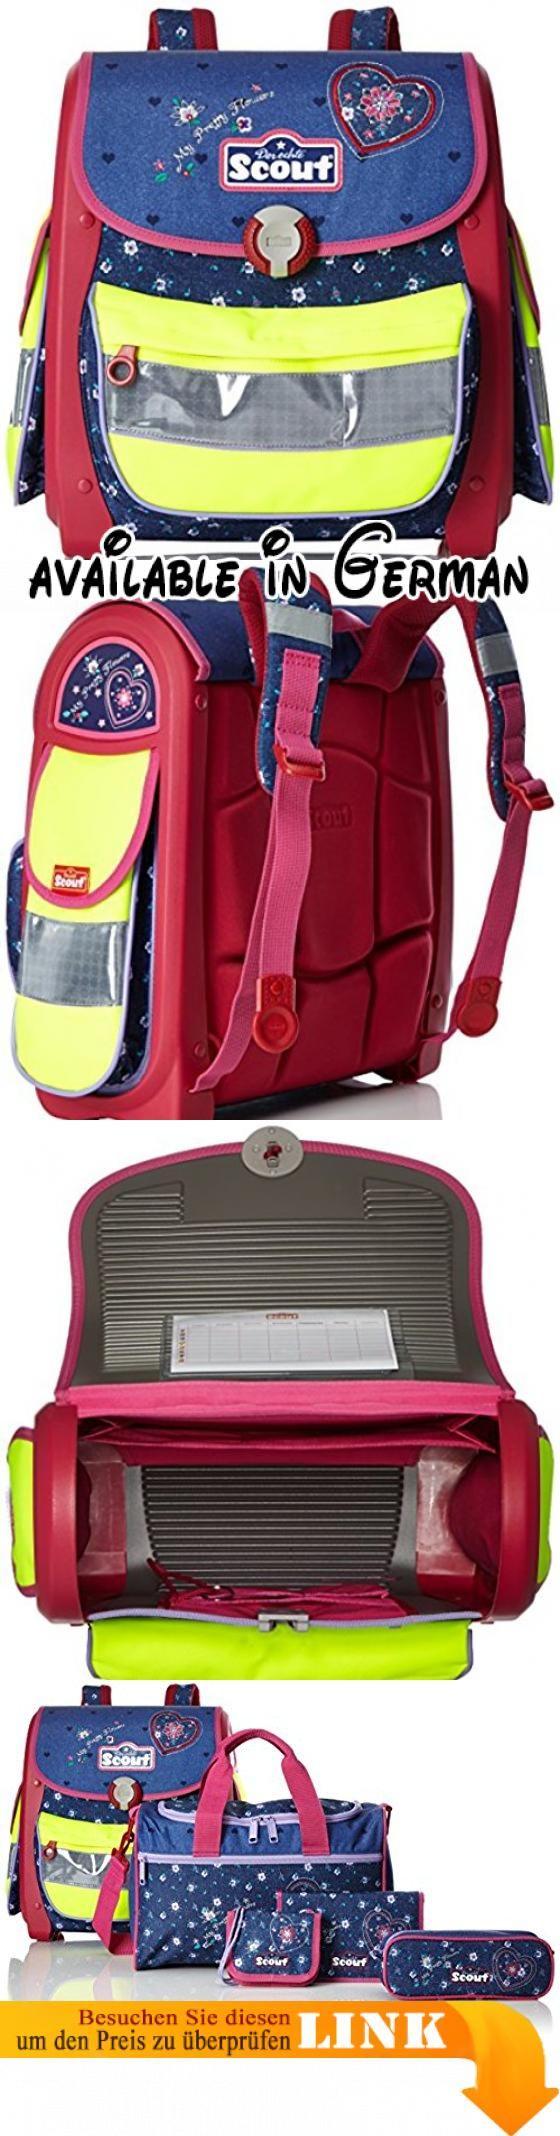 Scout - Buddy - Schulranzen Set 5 tlg. - My Pretty Flower. Schule-Set aus hochwertigen Materialien gefertigt.. Rucksack ist ergonomisch geformte Rücken.. Rucksack ist speziell mit einem Schwerpunkt auf die Sicherheit der Kinder konzipiert. #Koffer, Rucksäcke & Taschen #LUGGAGE